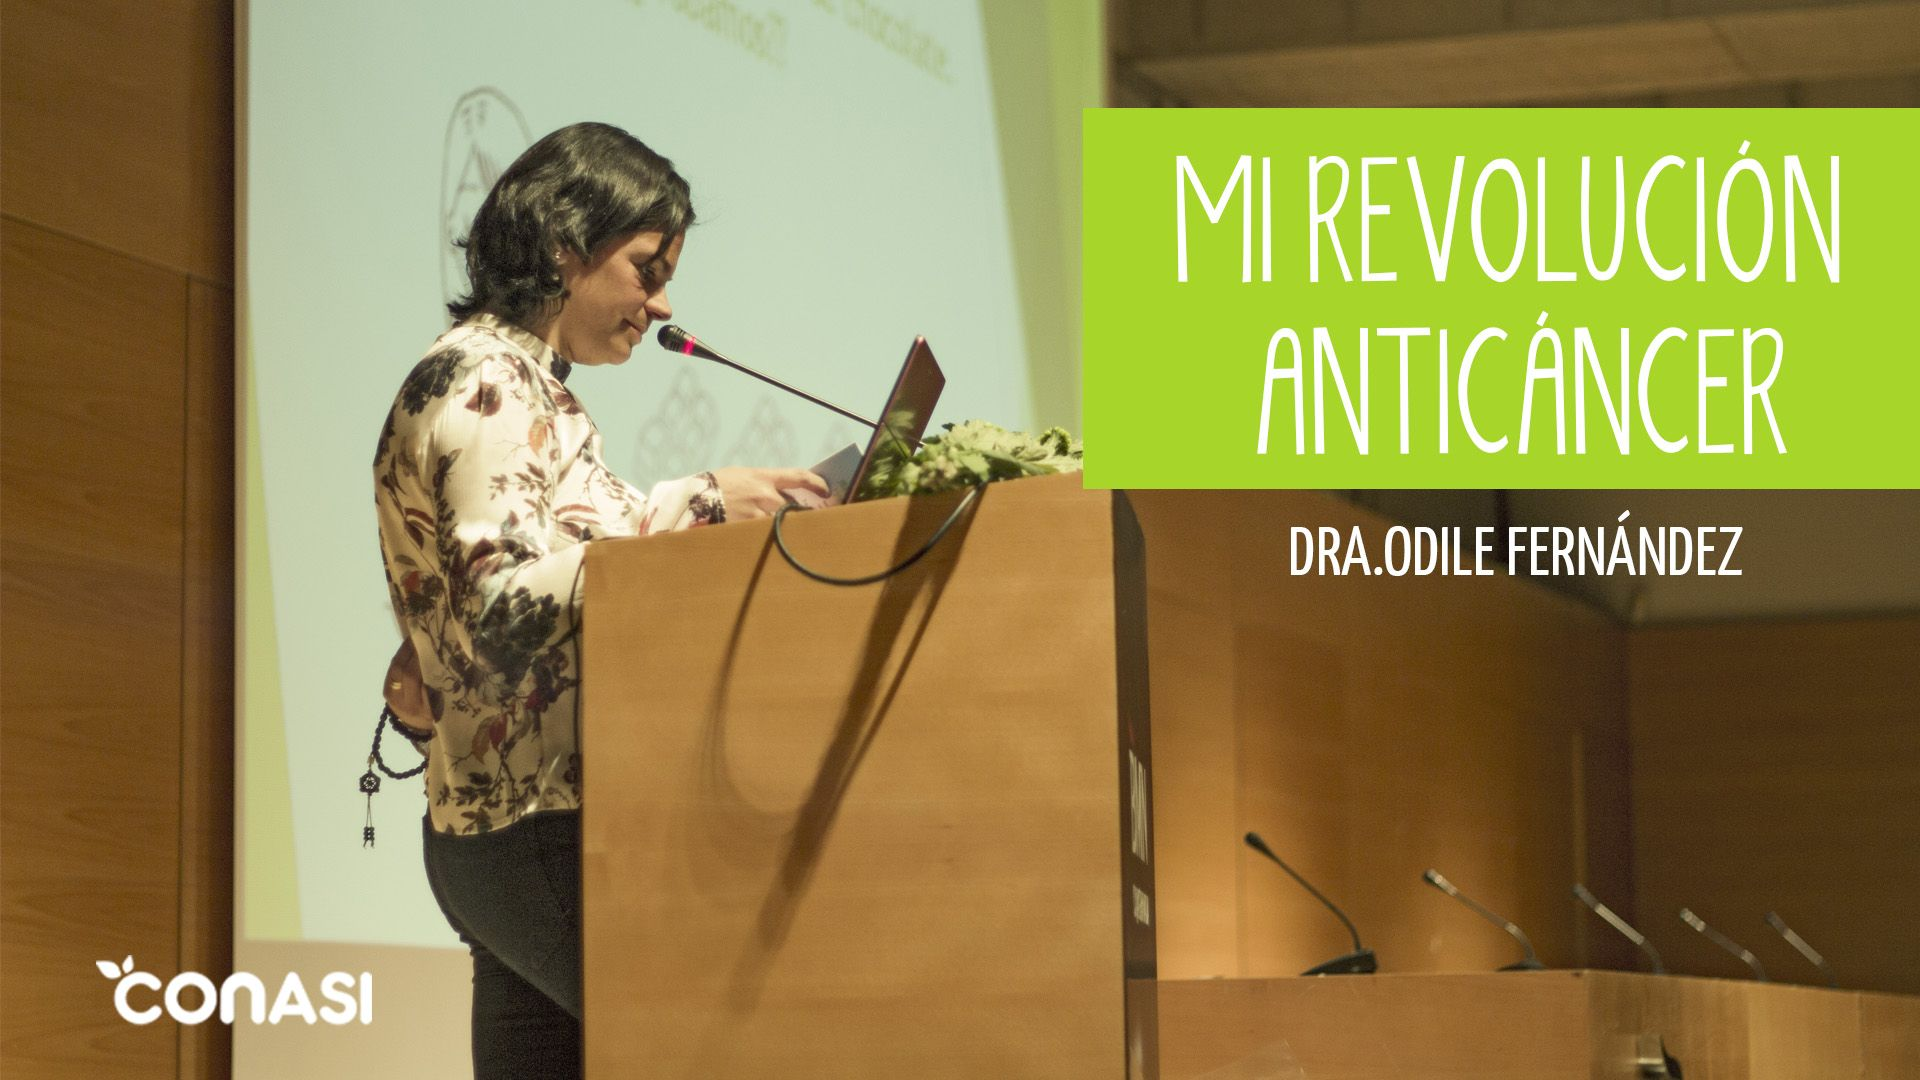 """La semana pasada Conasi acudió a la presentación del nuevo libro de la Dra.Odile Fernández, """"Mi revolución anticáncer"""". ¡Mira el vídeo de la presentación! https://www.youtube.com/watch?v=53h7VLBmKCY"""